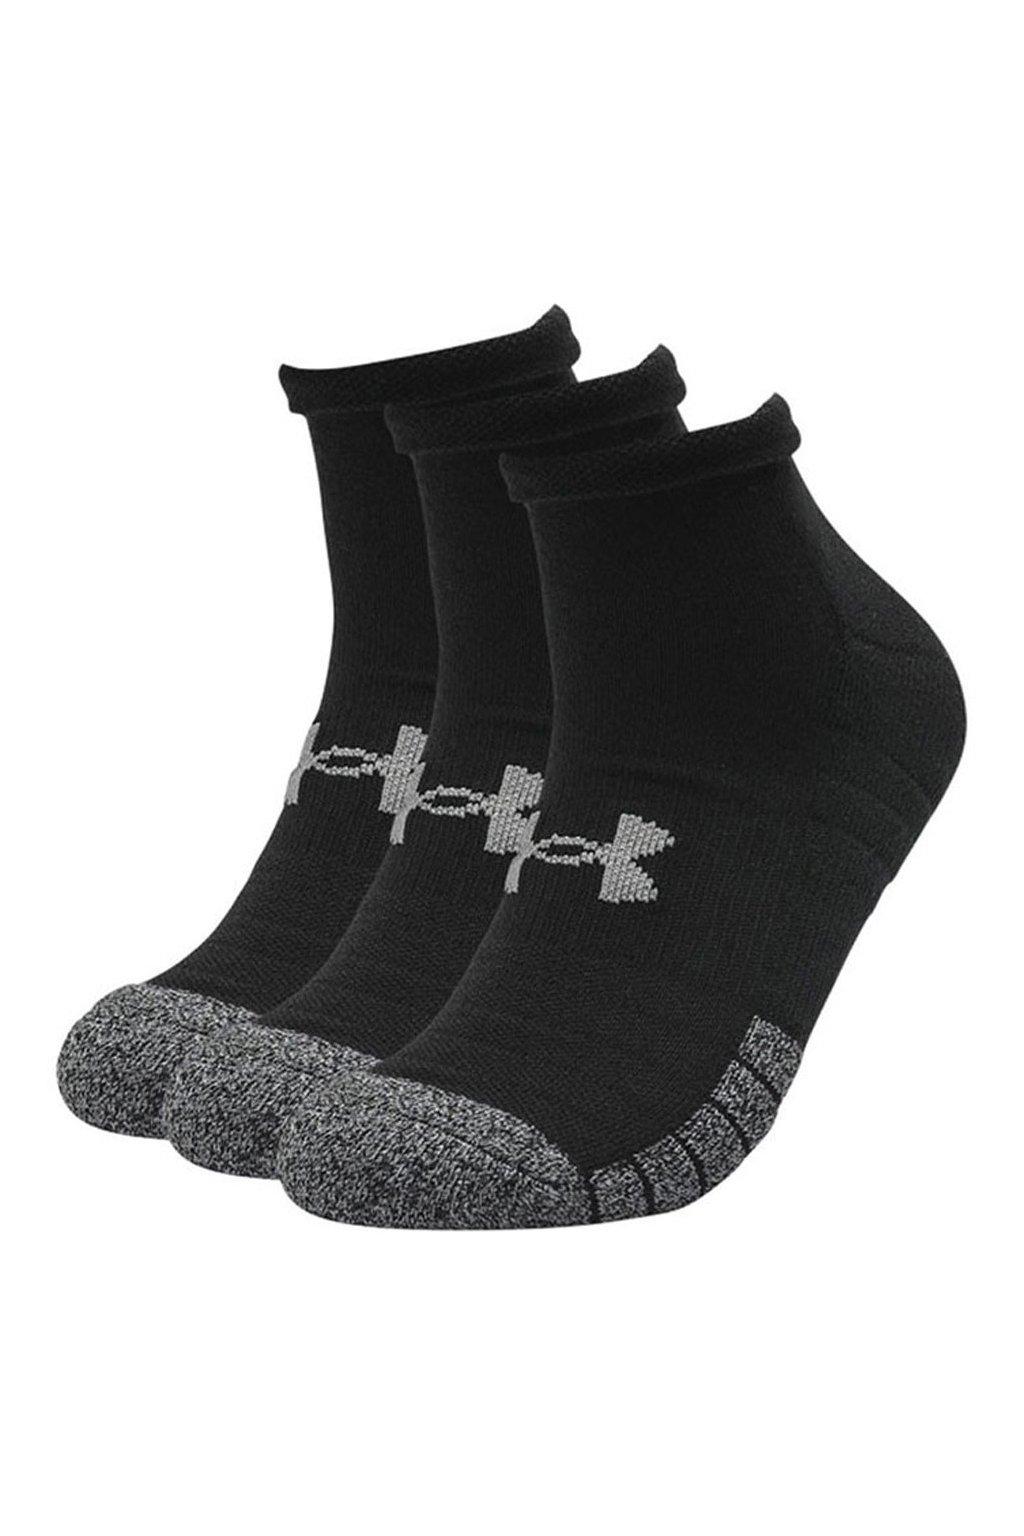 Ponožky Under Armour Heatgear Locut čierne 1346753 001